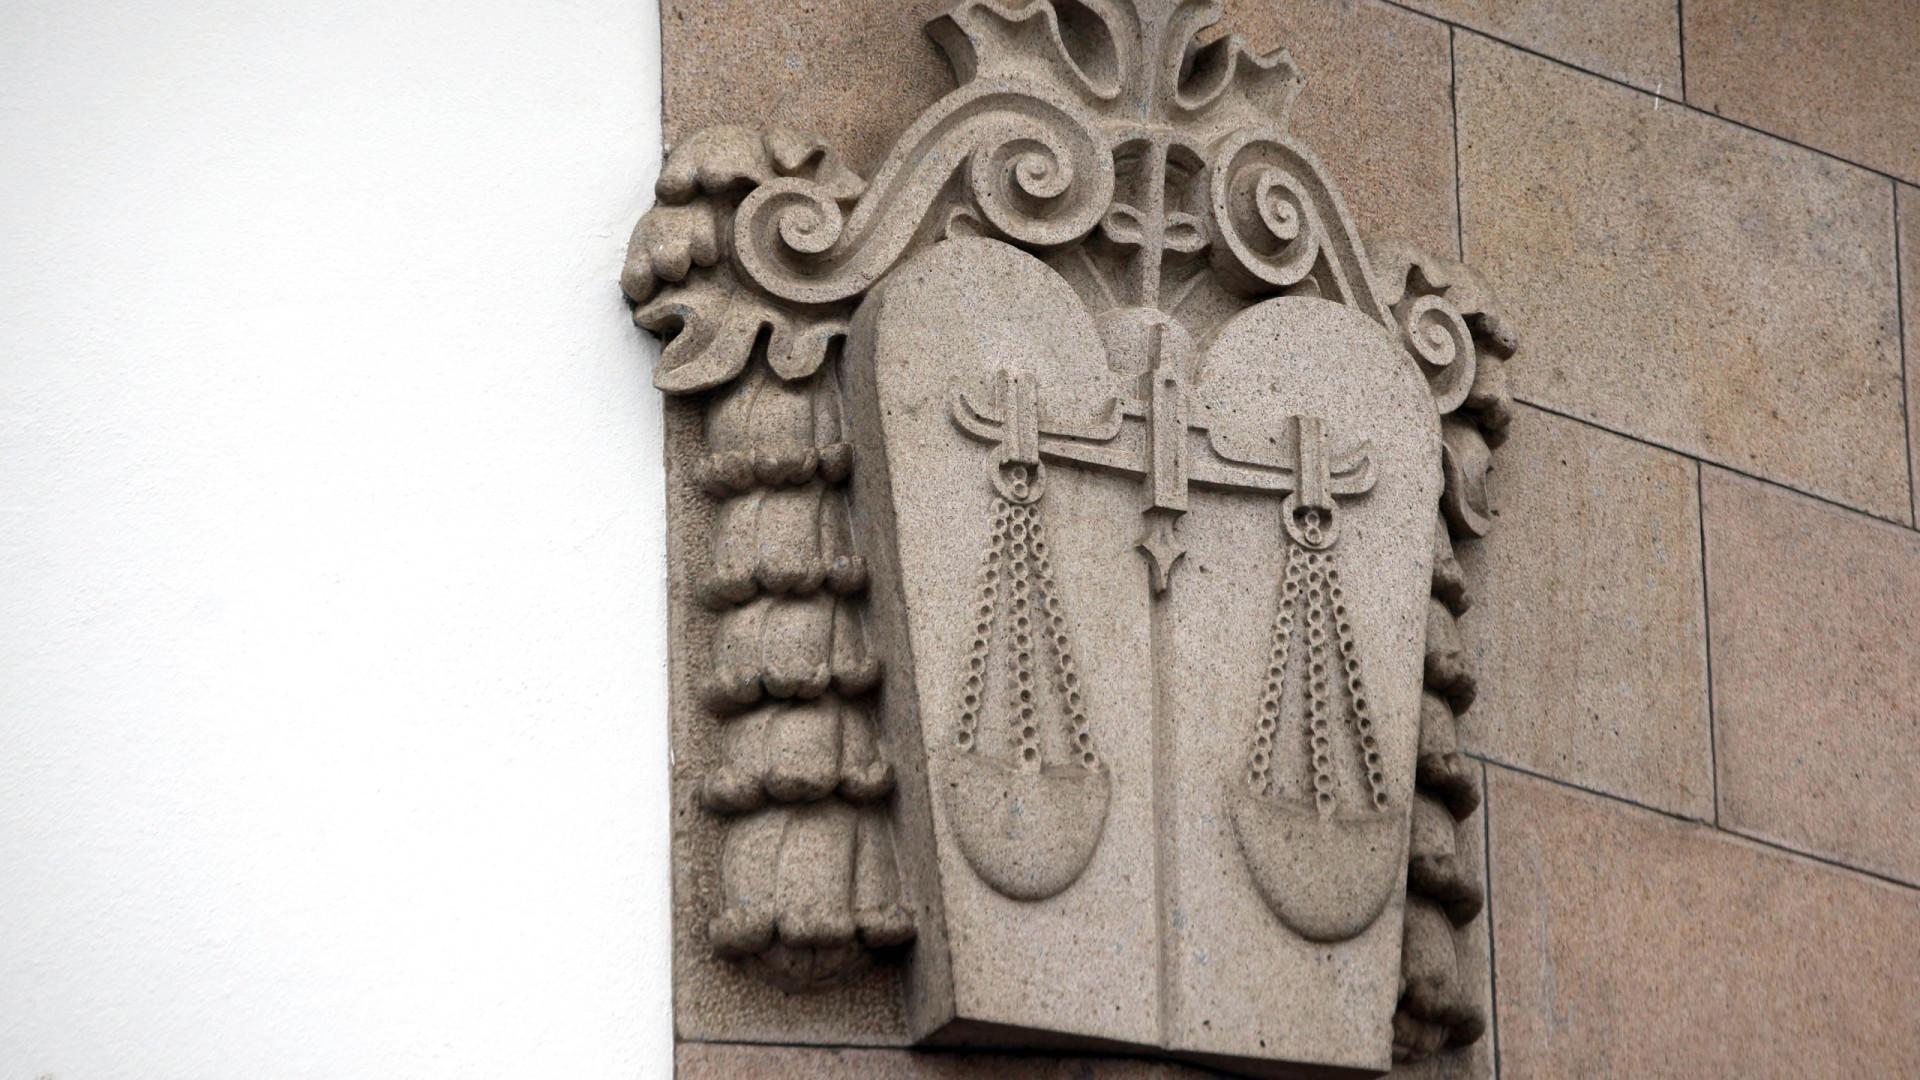 Economista acusado de manipular dívida admite processar Estado português